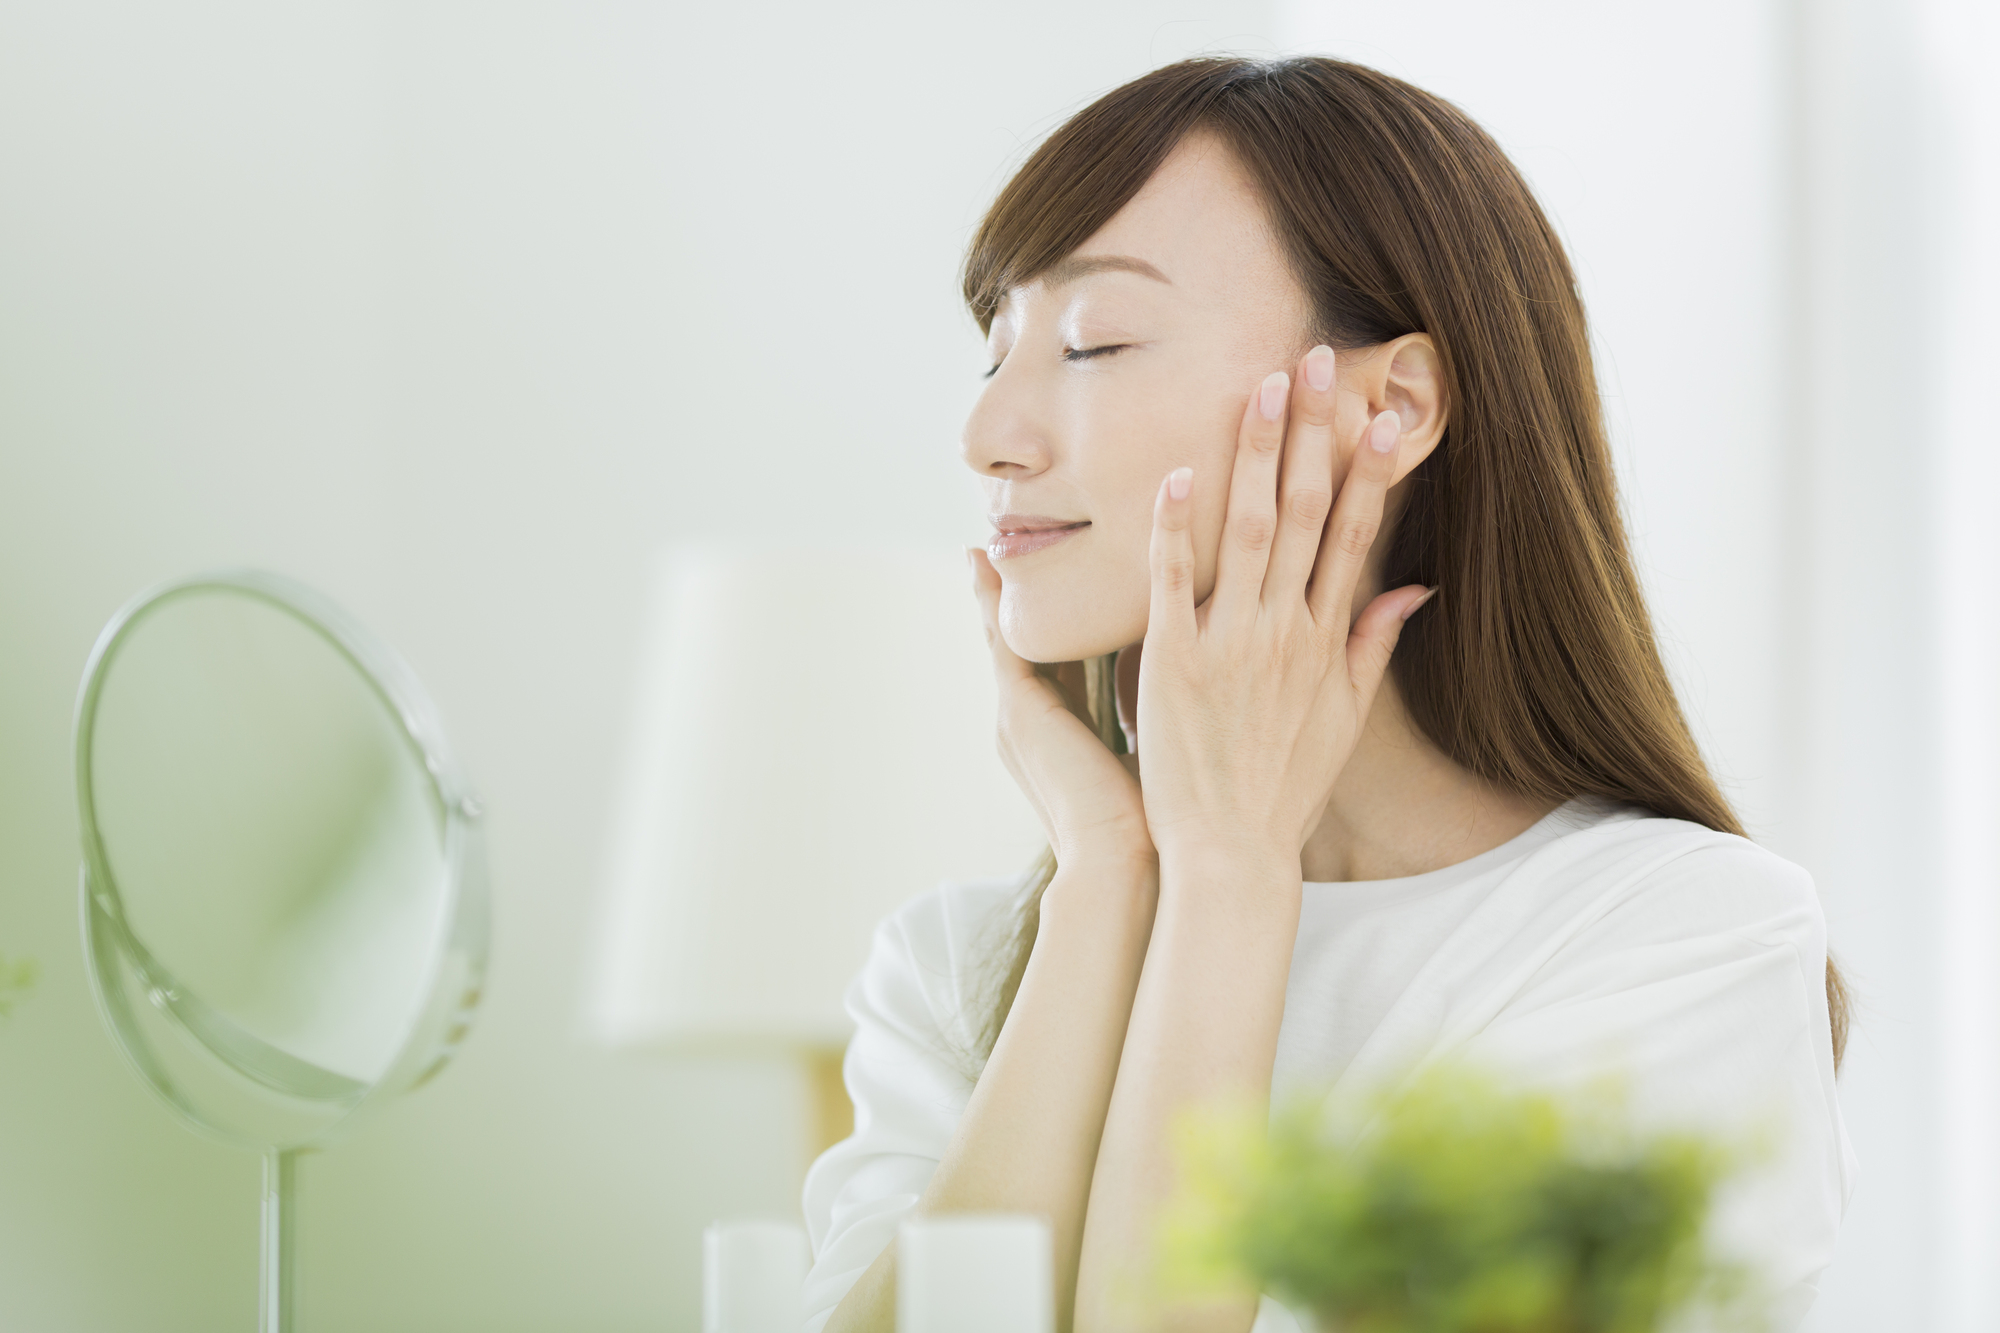 40代、今までのスキンケアでいい? たるみ・シワ・シミ対策におすすめのエイジングケア化粧品9選